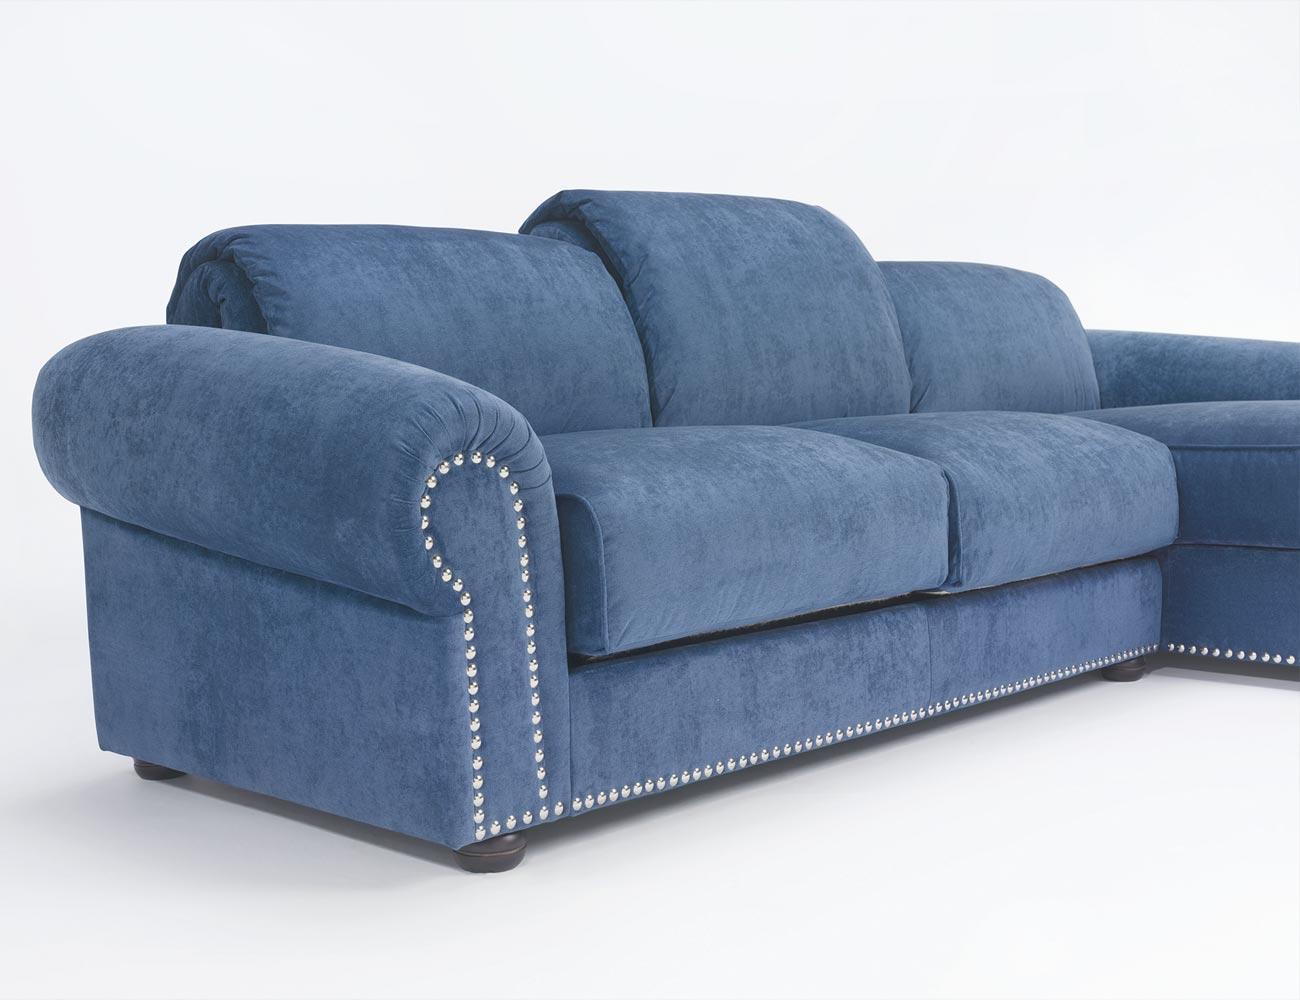 Sofa chaiselongue gran lujo decorativo azul 122